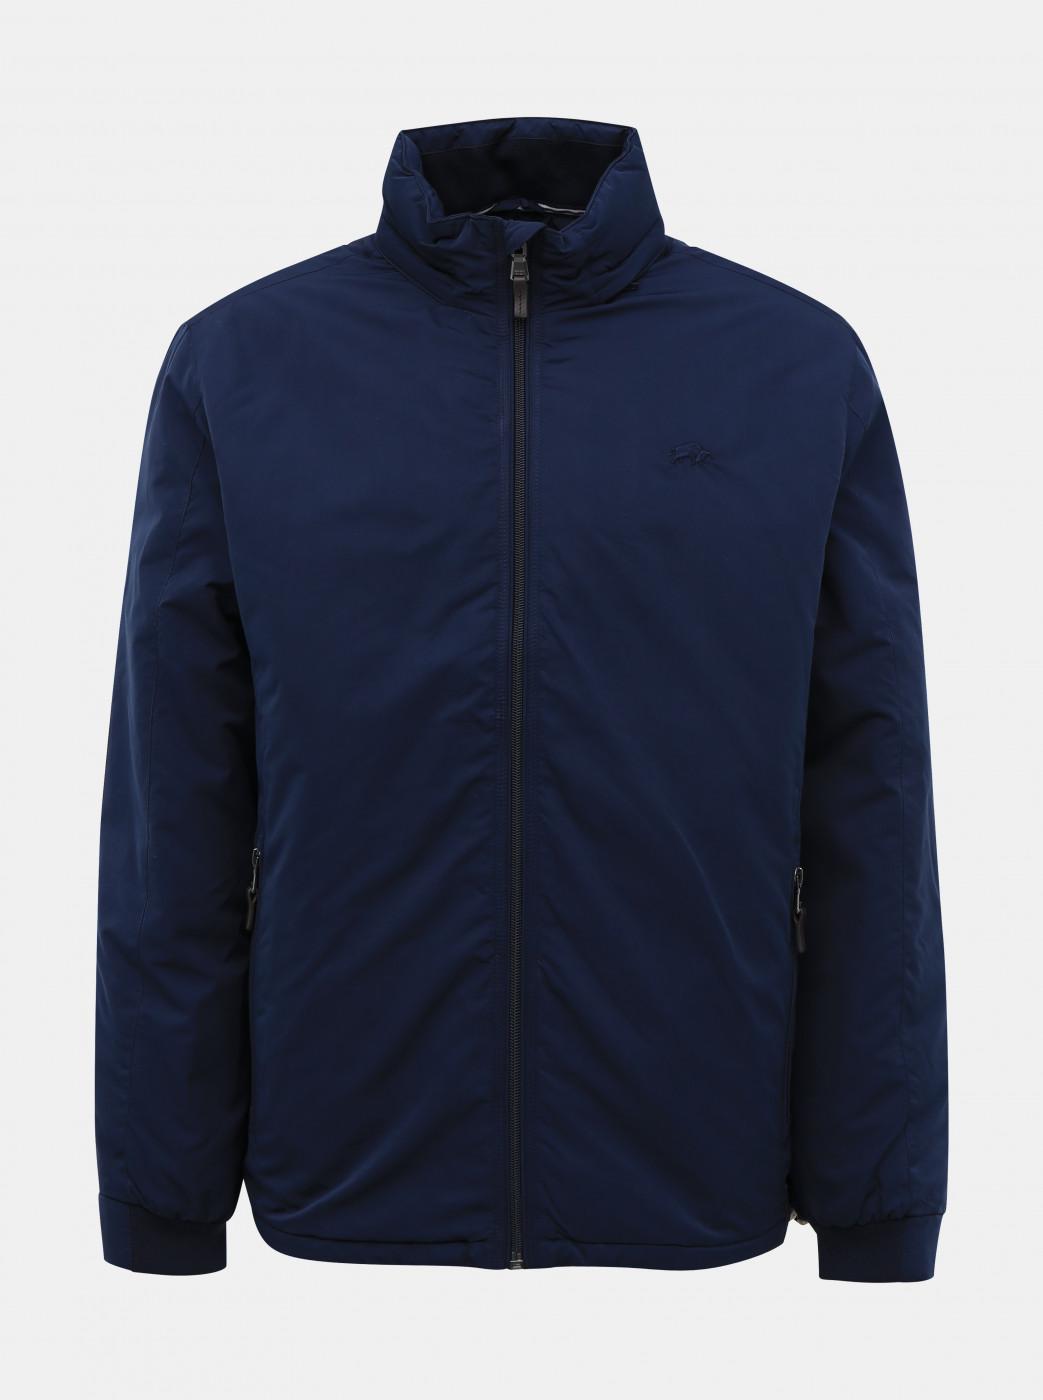 Raging Bull Dark Blue Lightweight Jacket